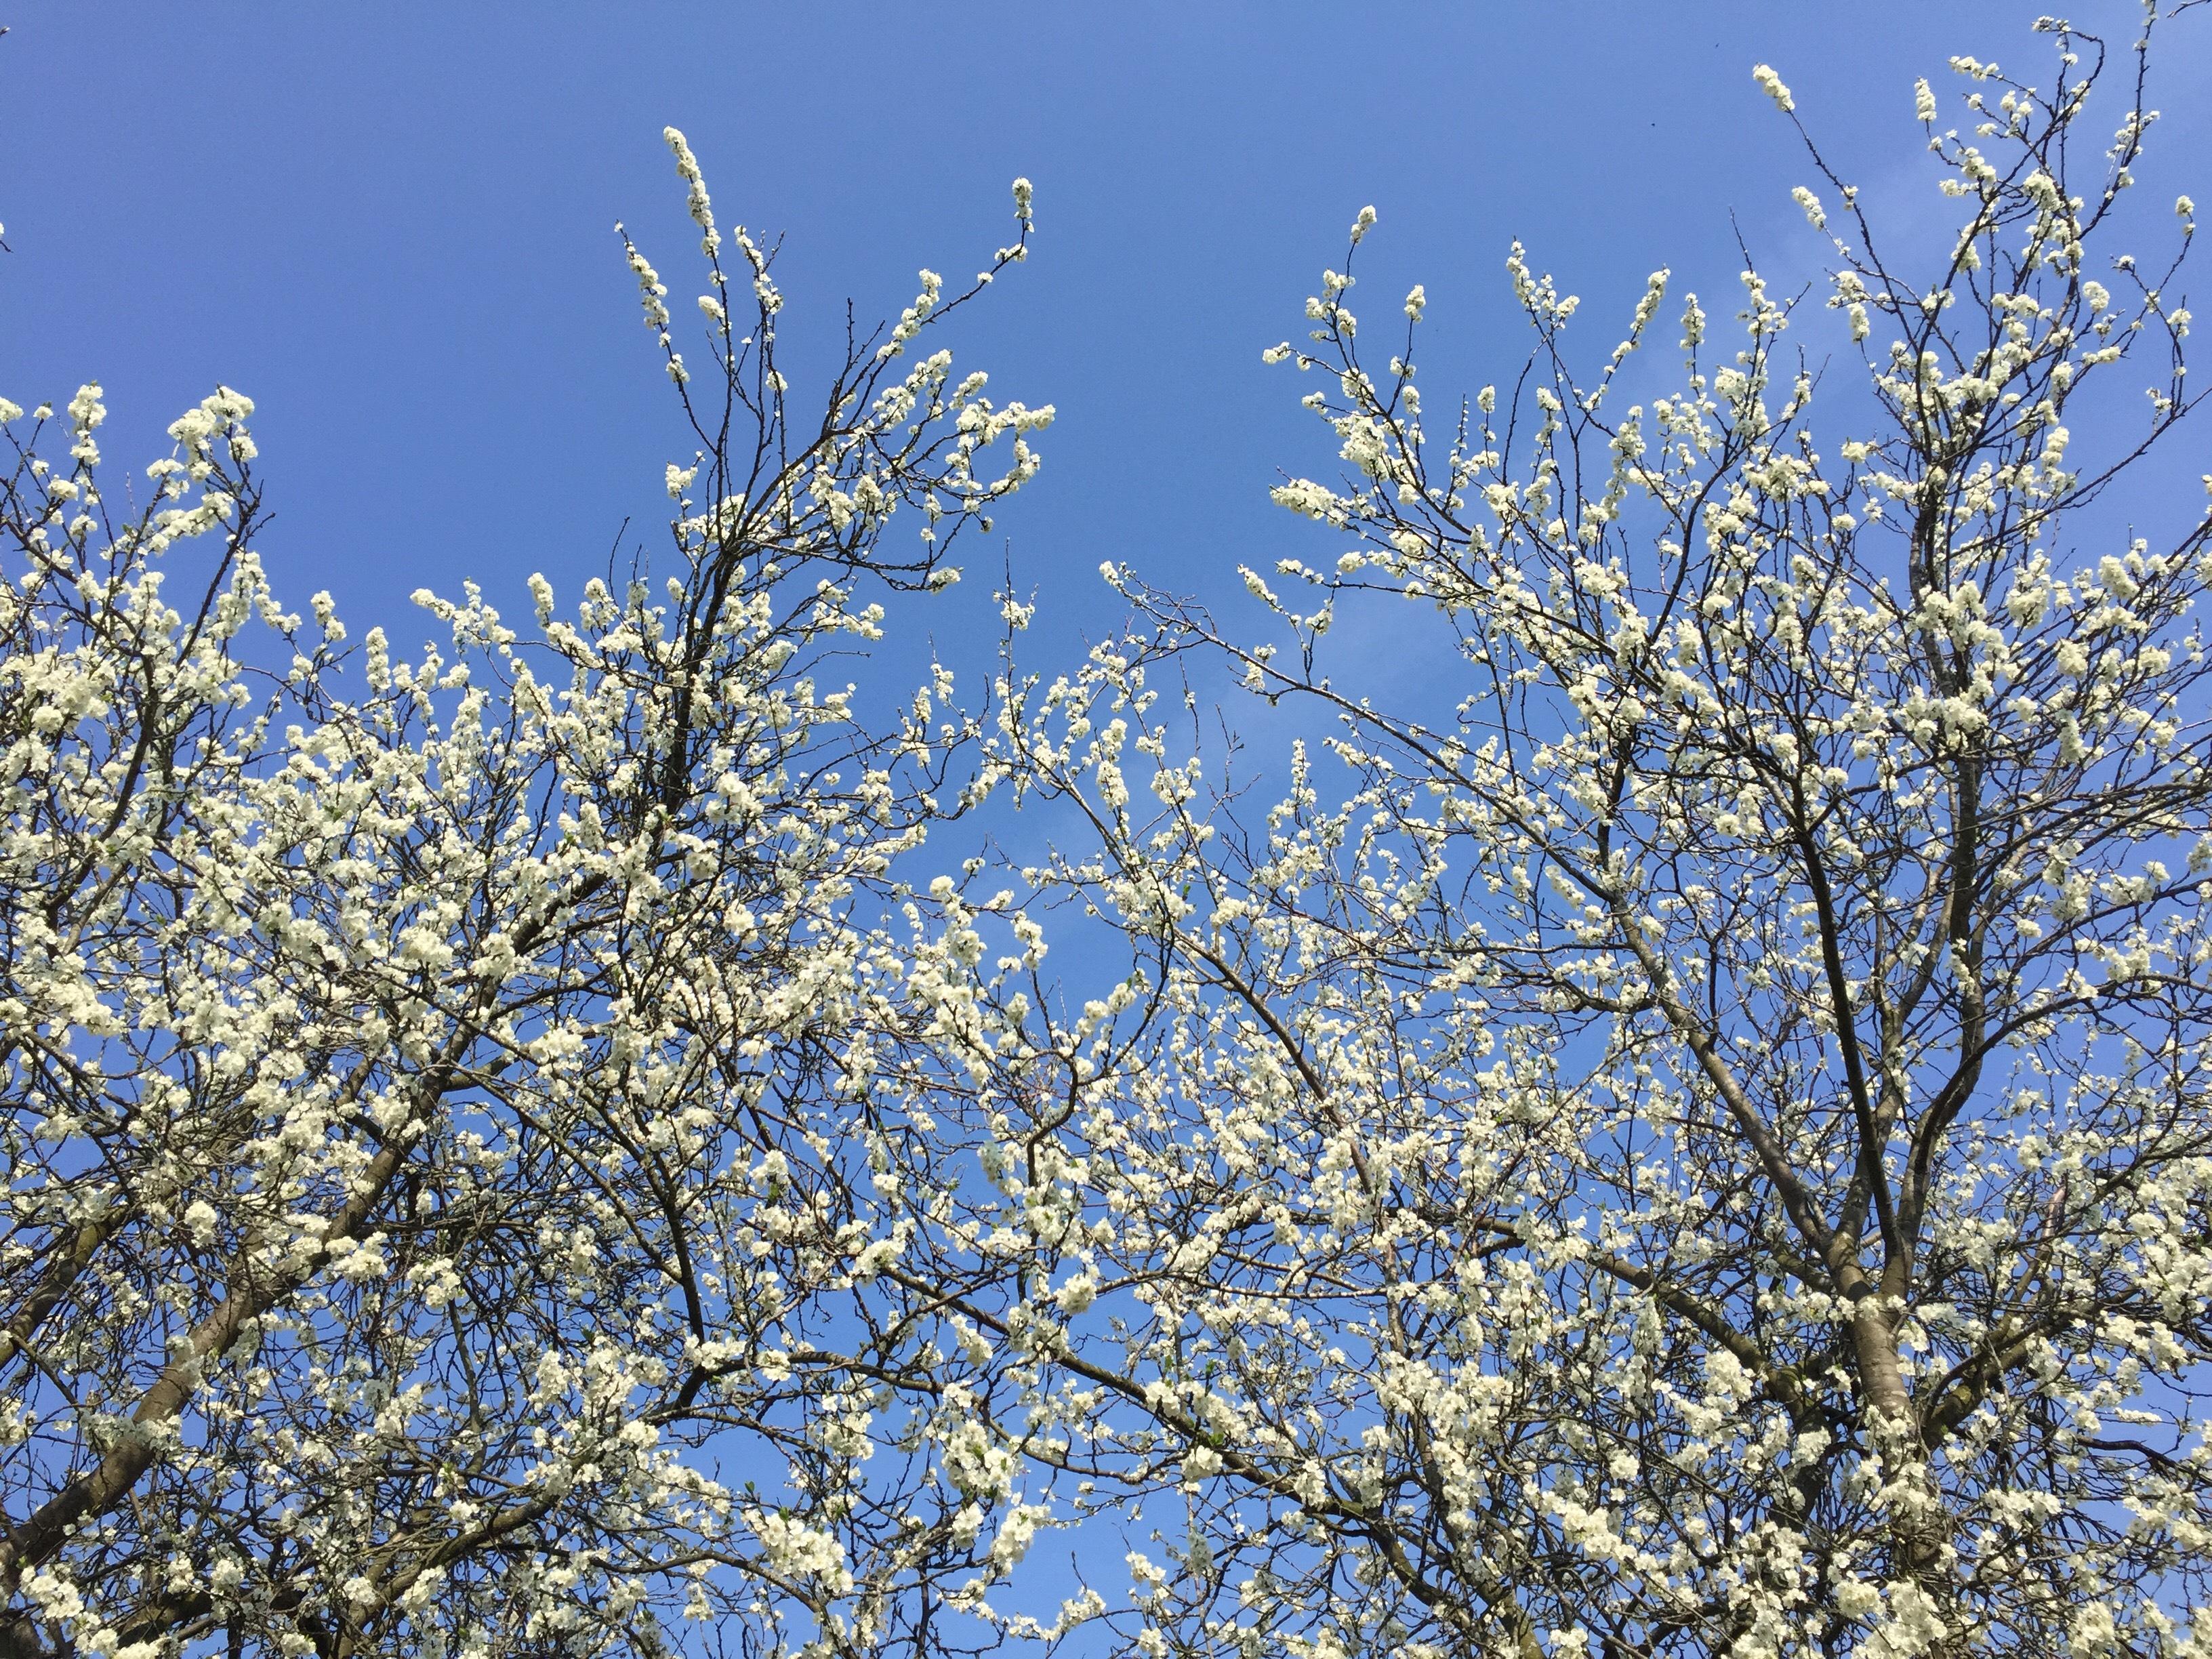 Rondleiding Hoorn - Lente - een prachtige dag voor een stadswandeling